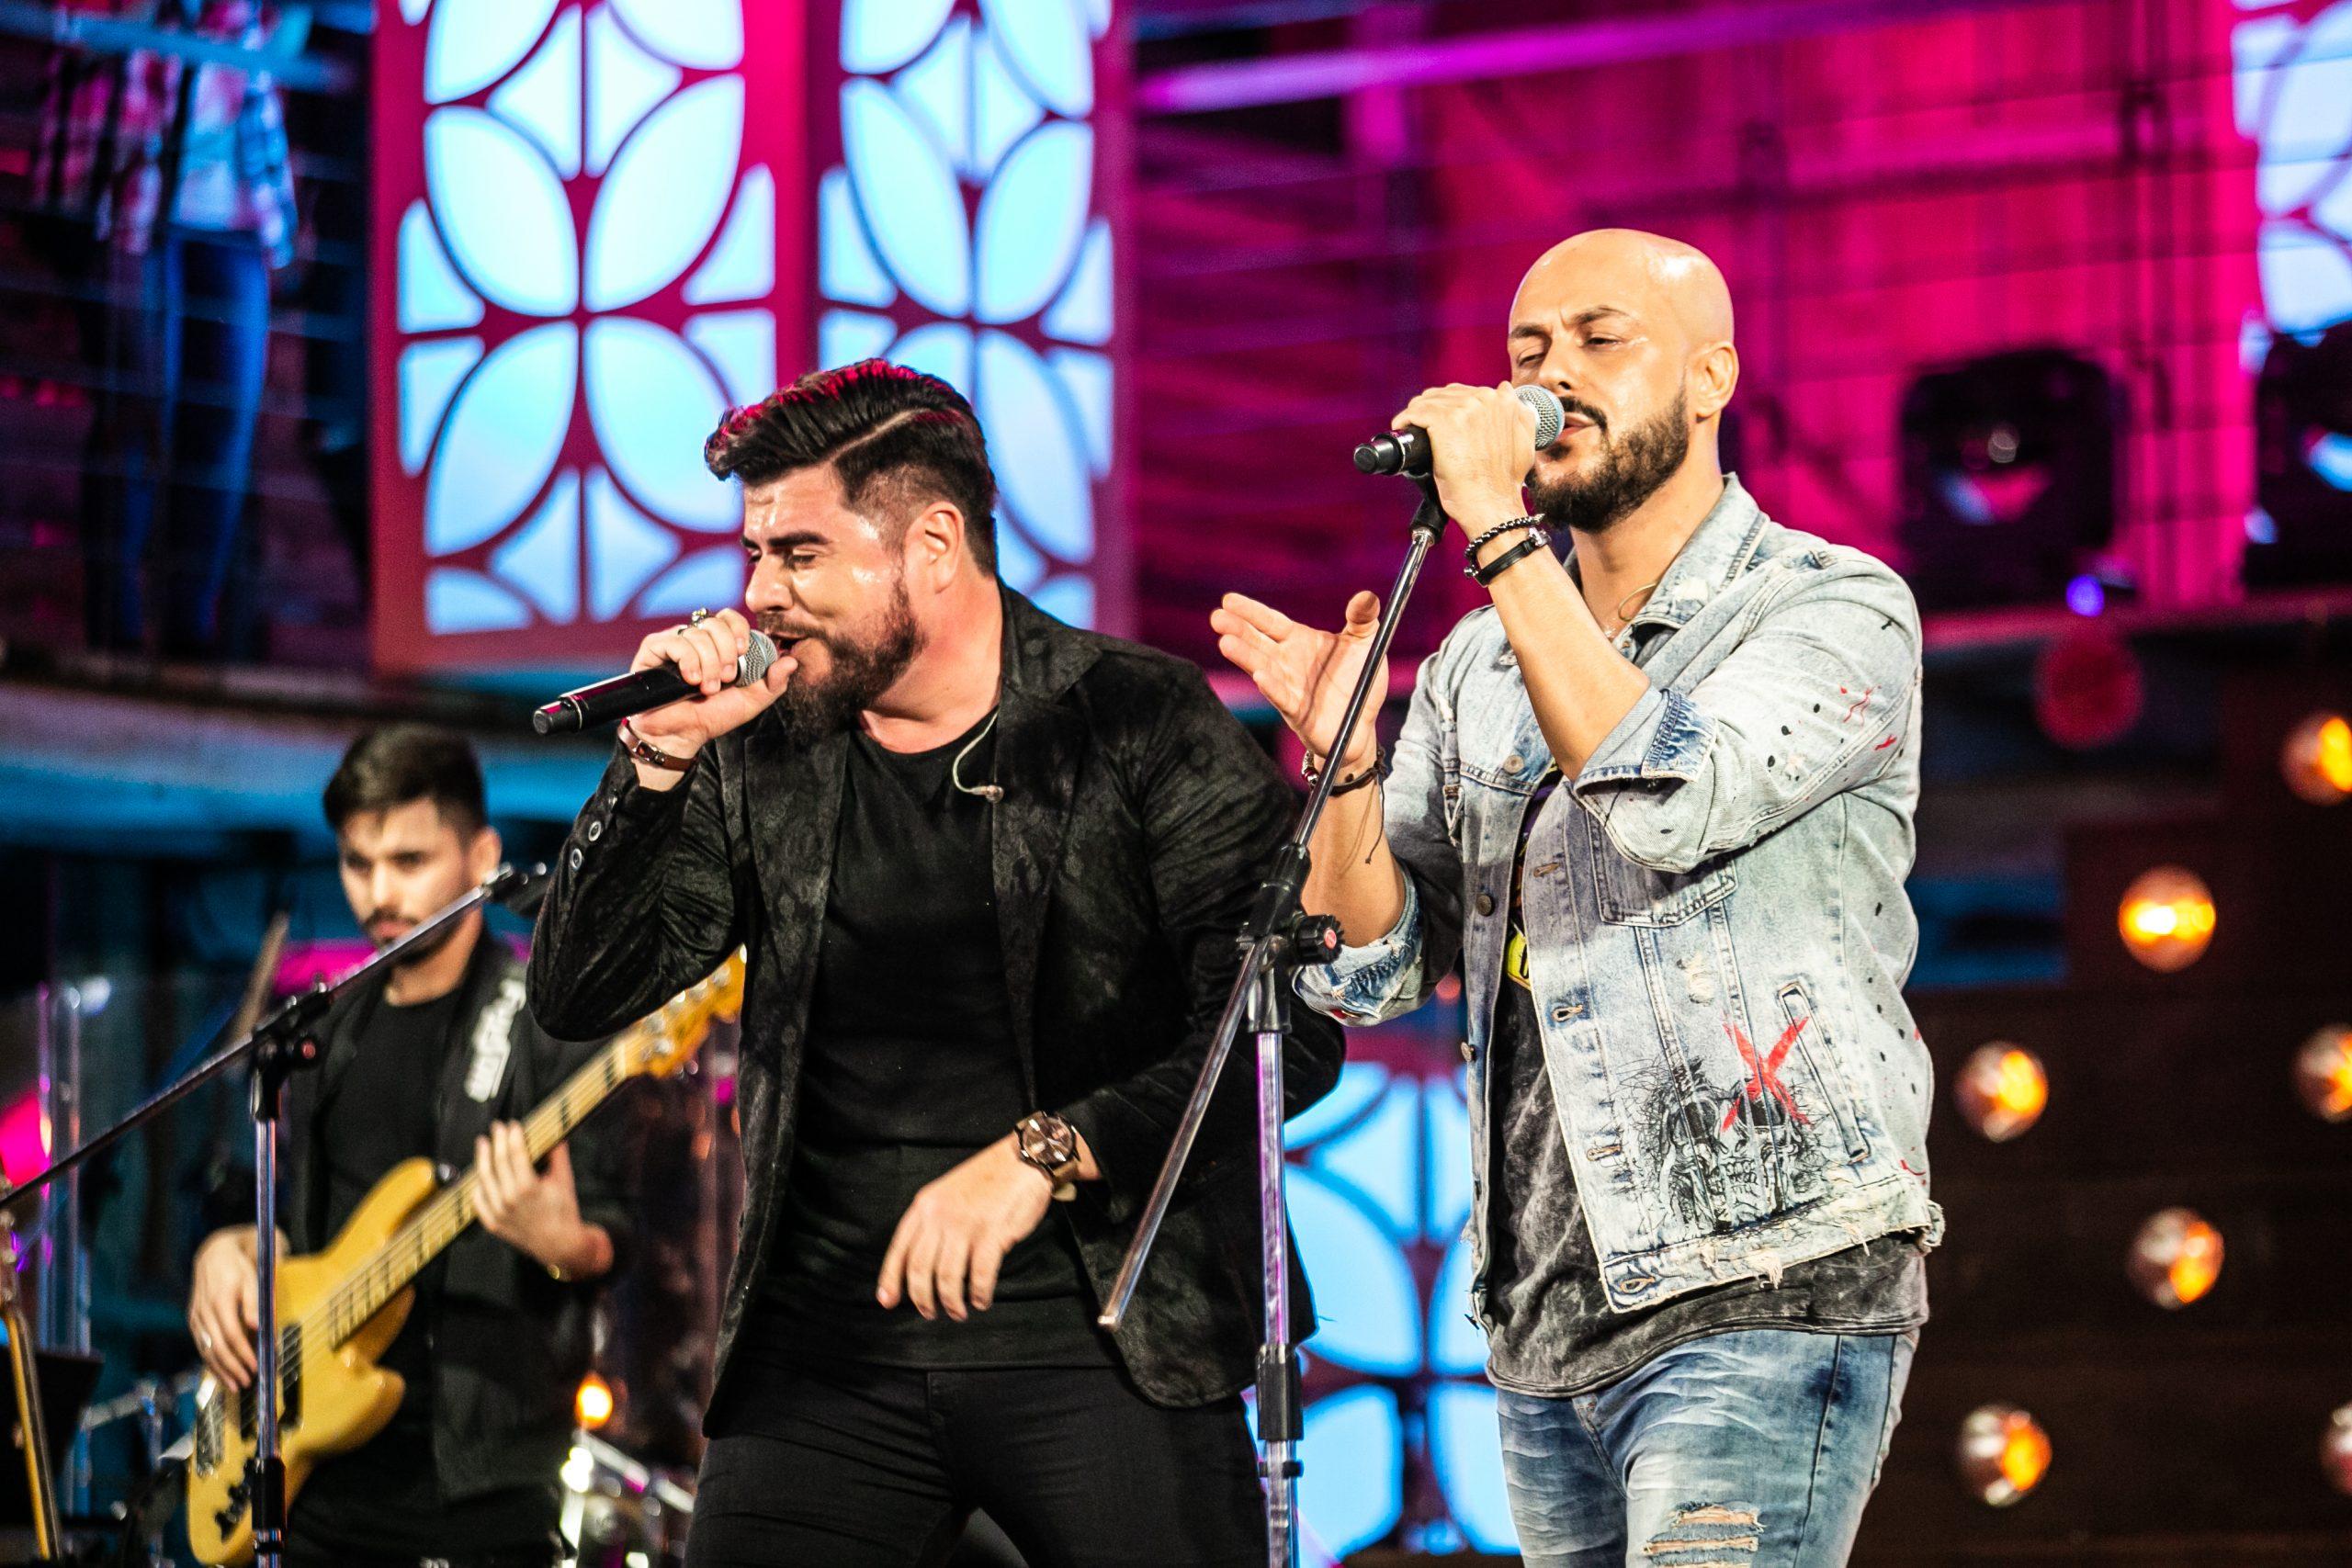 Montana e Rafael lançam EP recheado de boas músicas